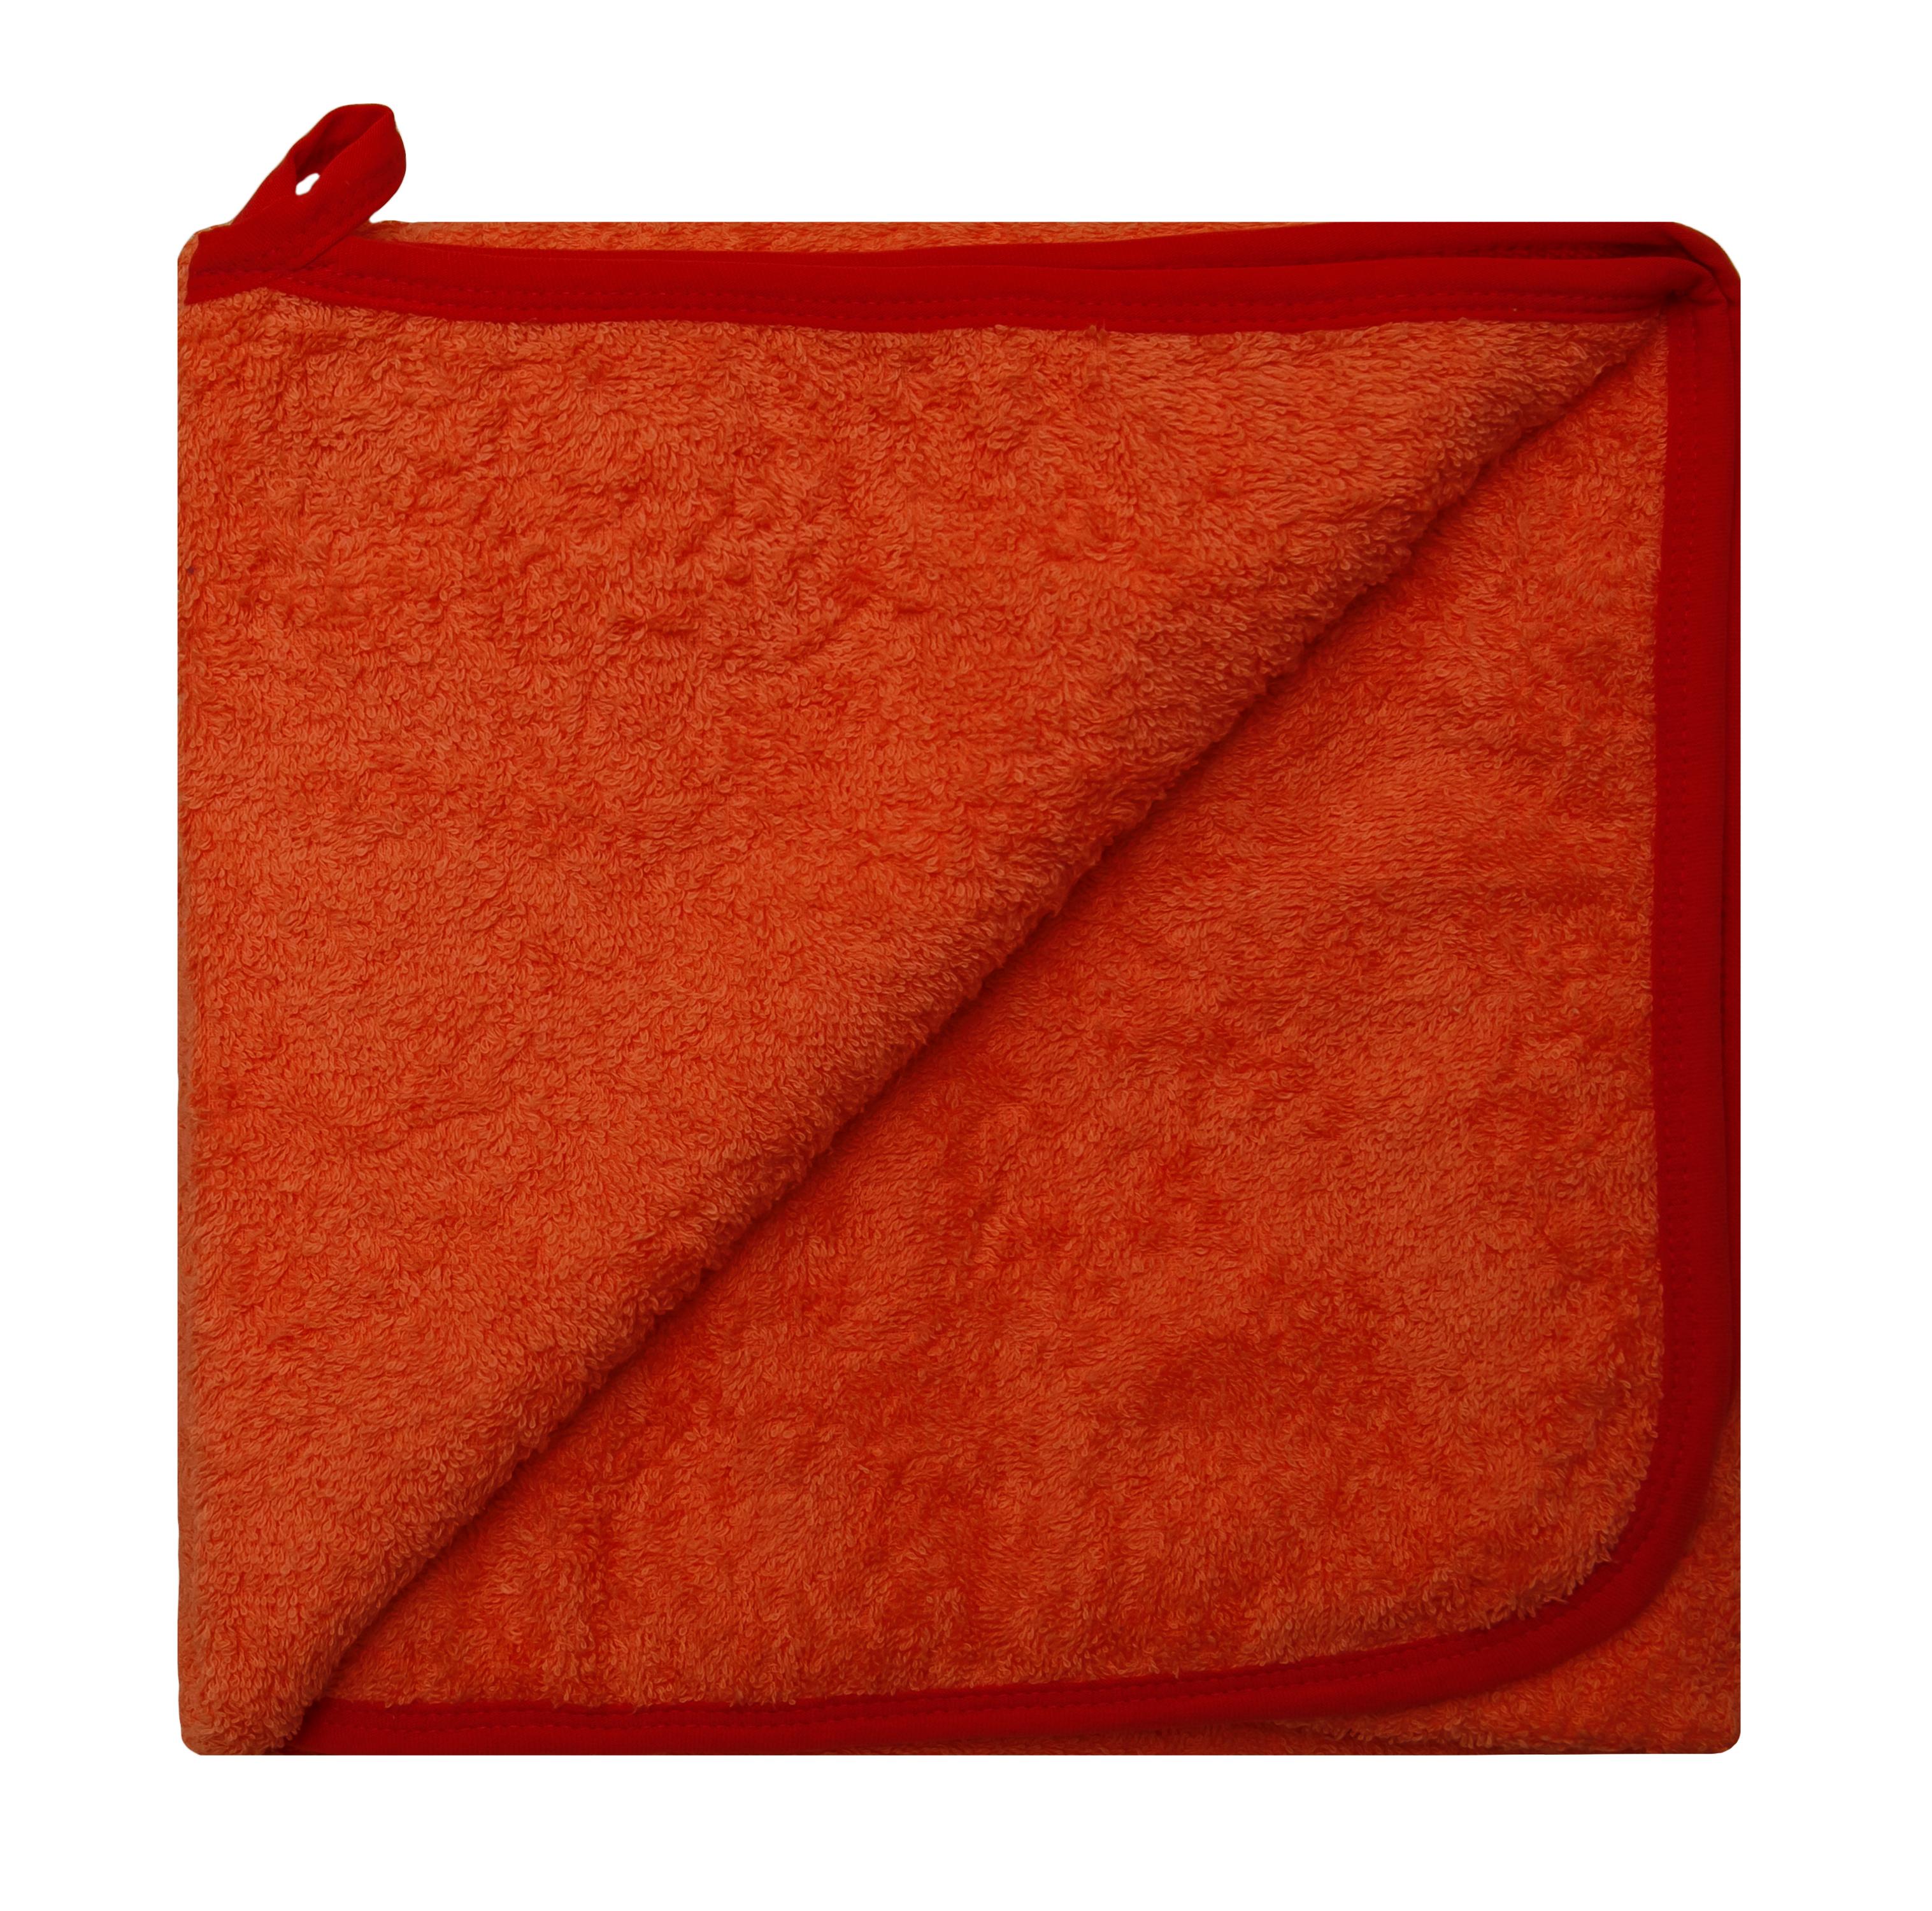 Первые вещи новорожденного Barkito Цвет коралловый полотенце махр с велюром egoist баттерфляй 50х90см коралловое